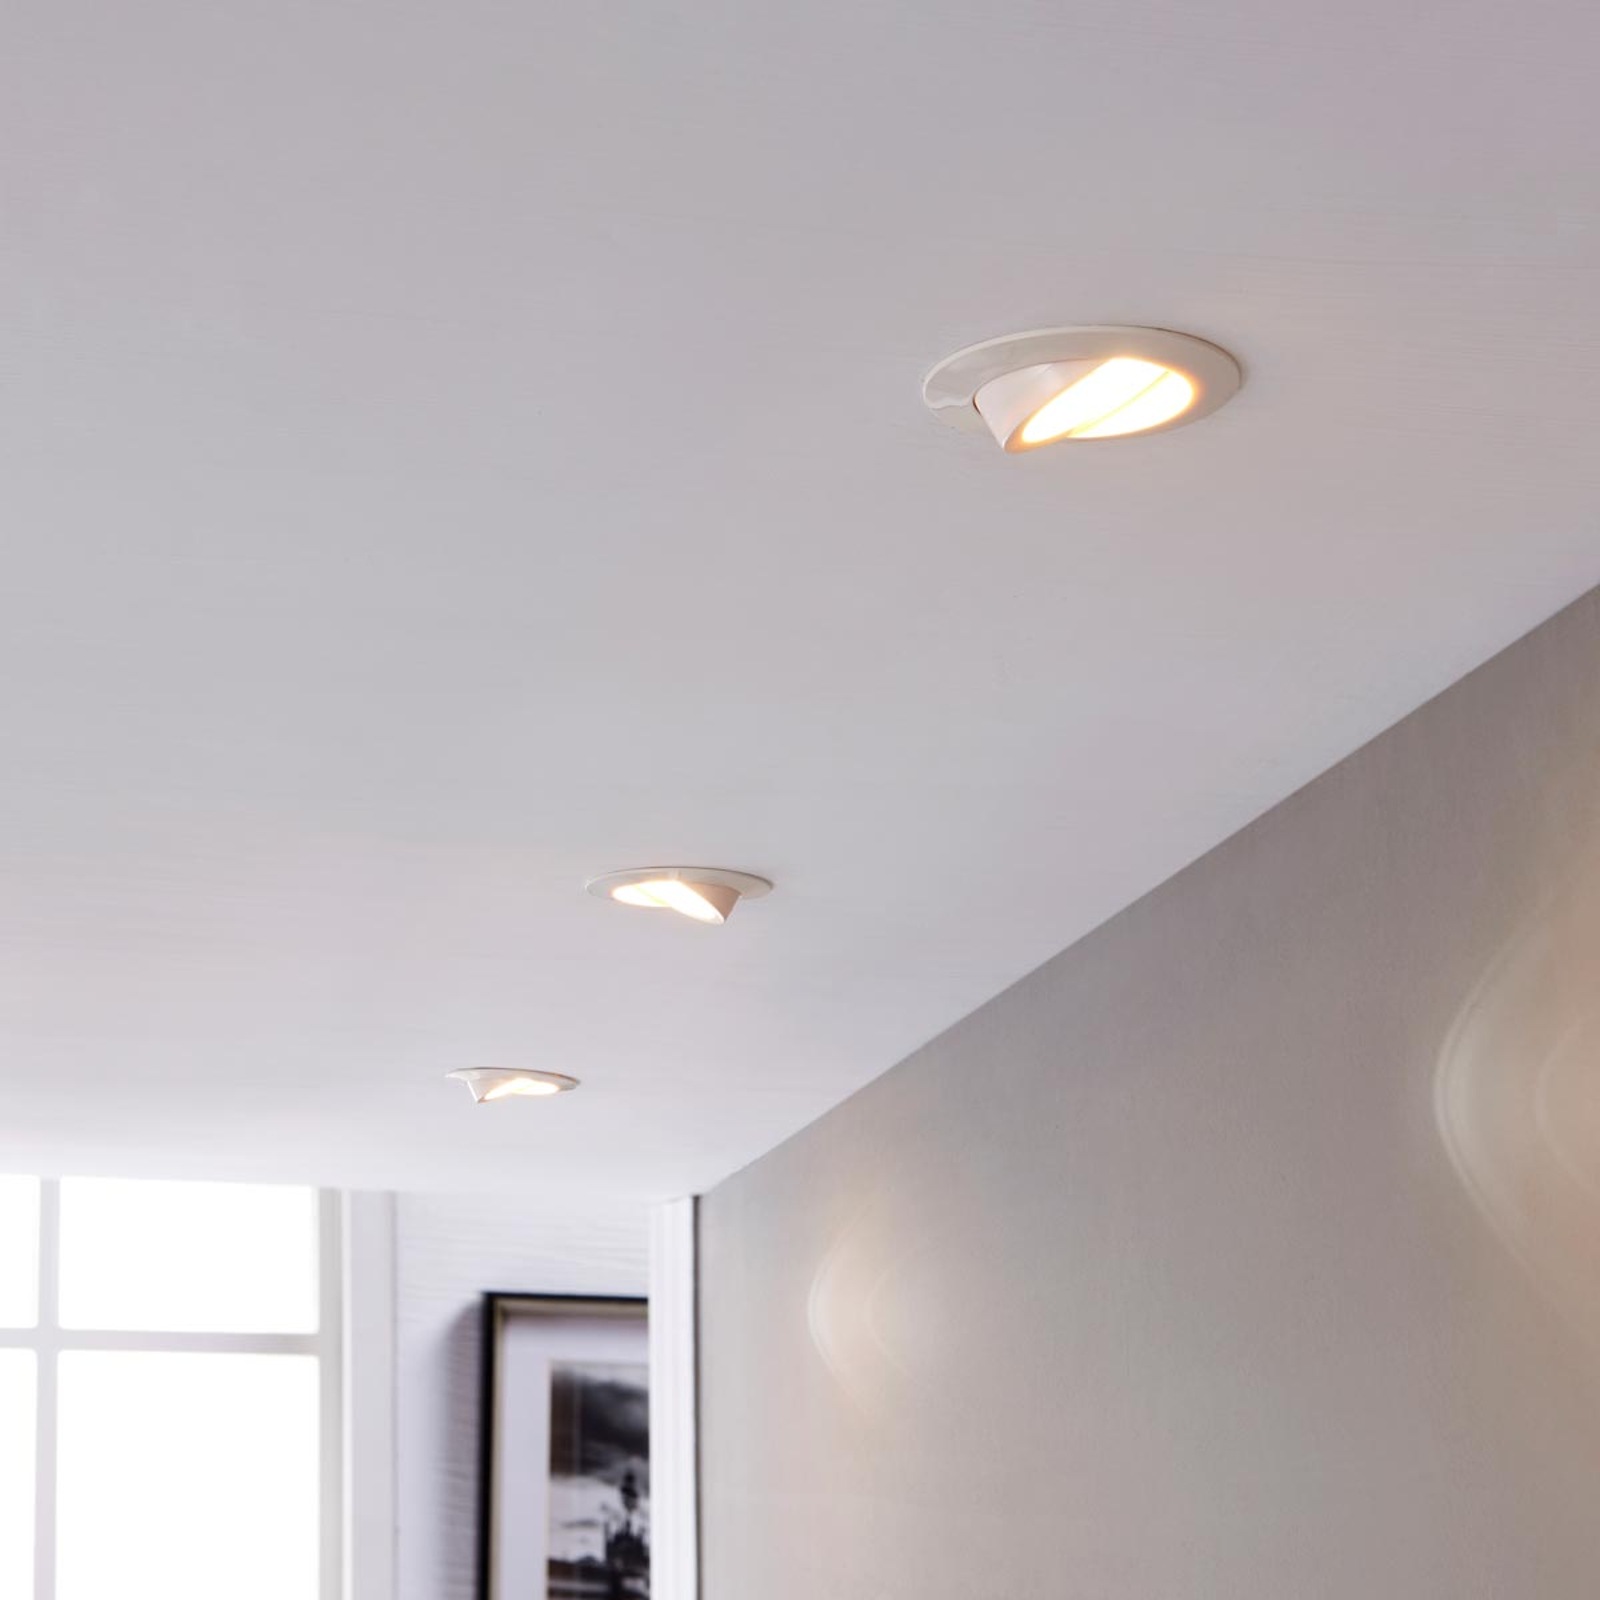 LED downlight Andrej, round, white, set of 3_9620844_1